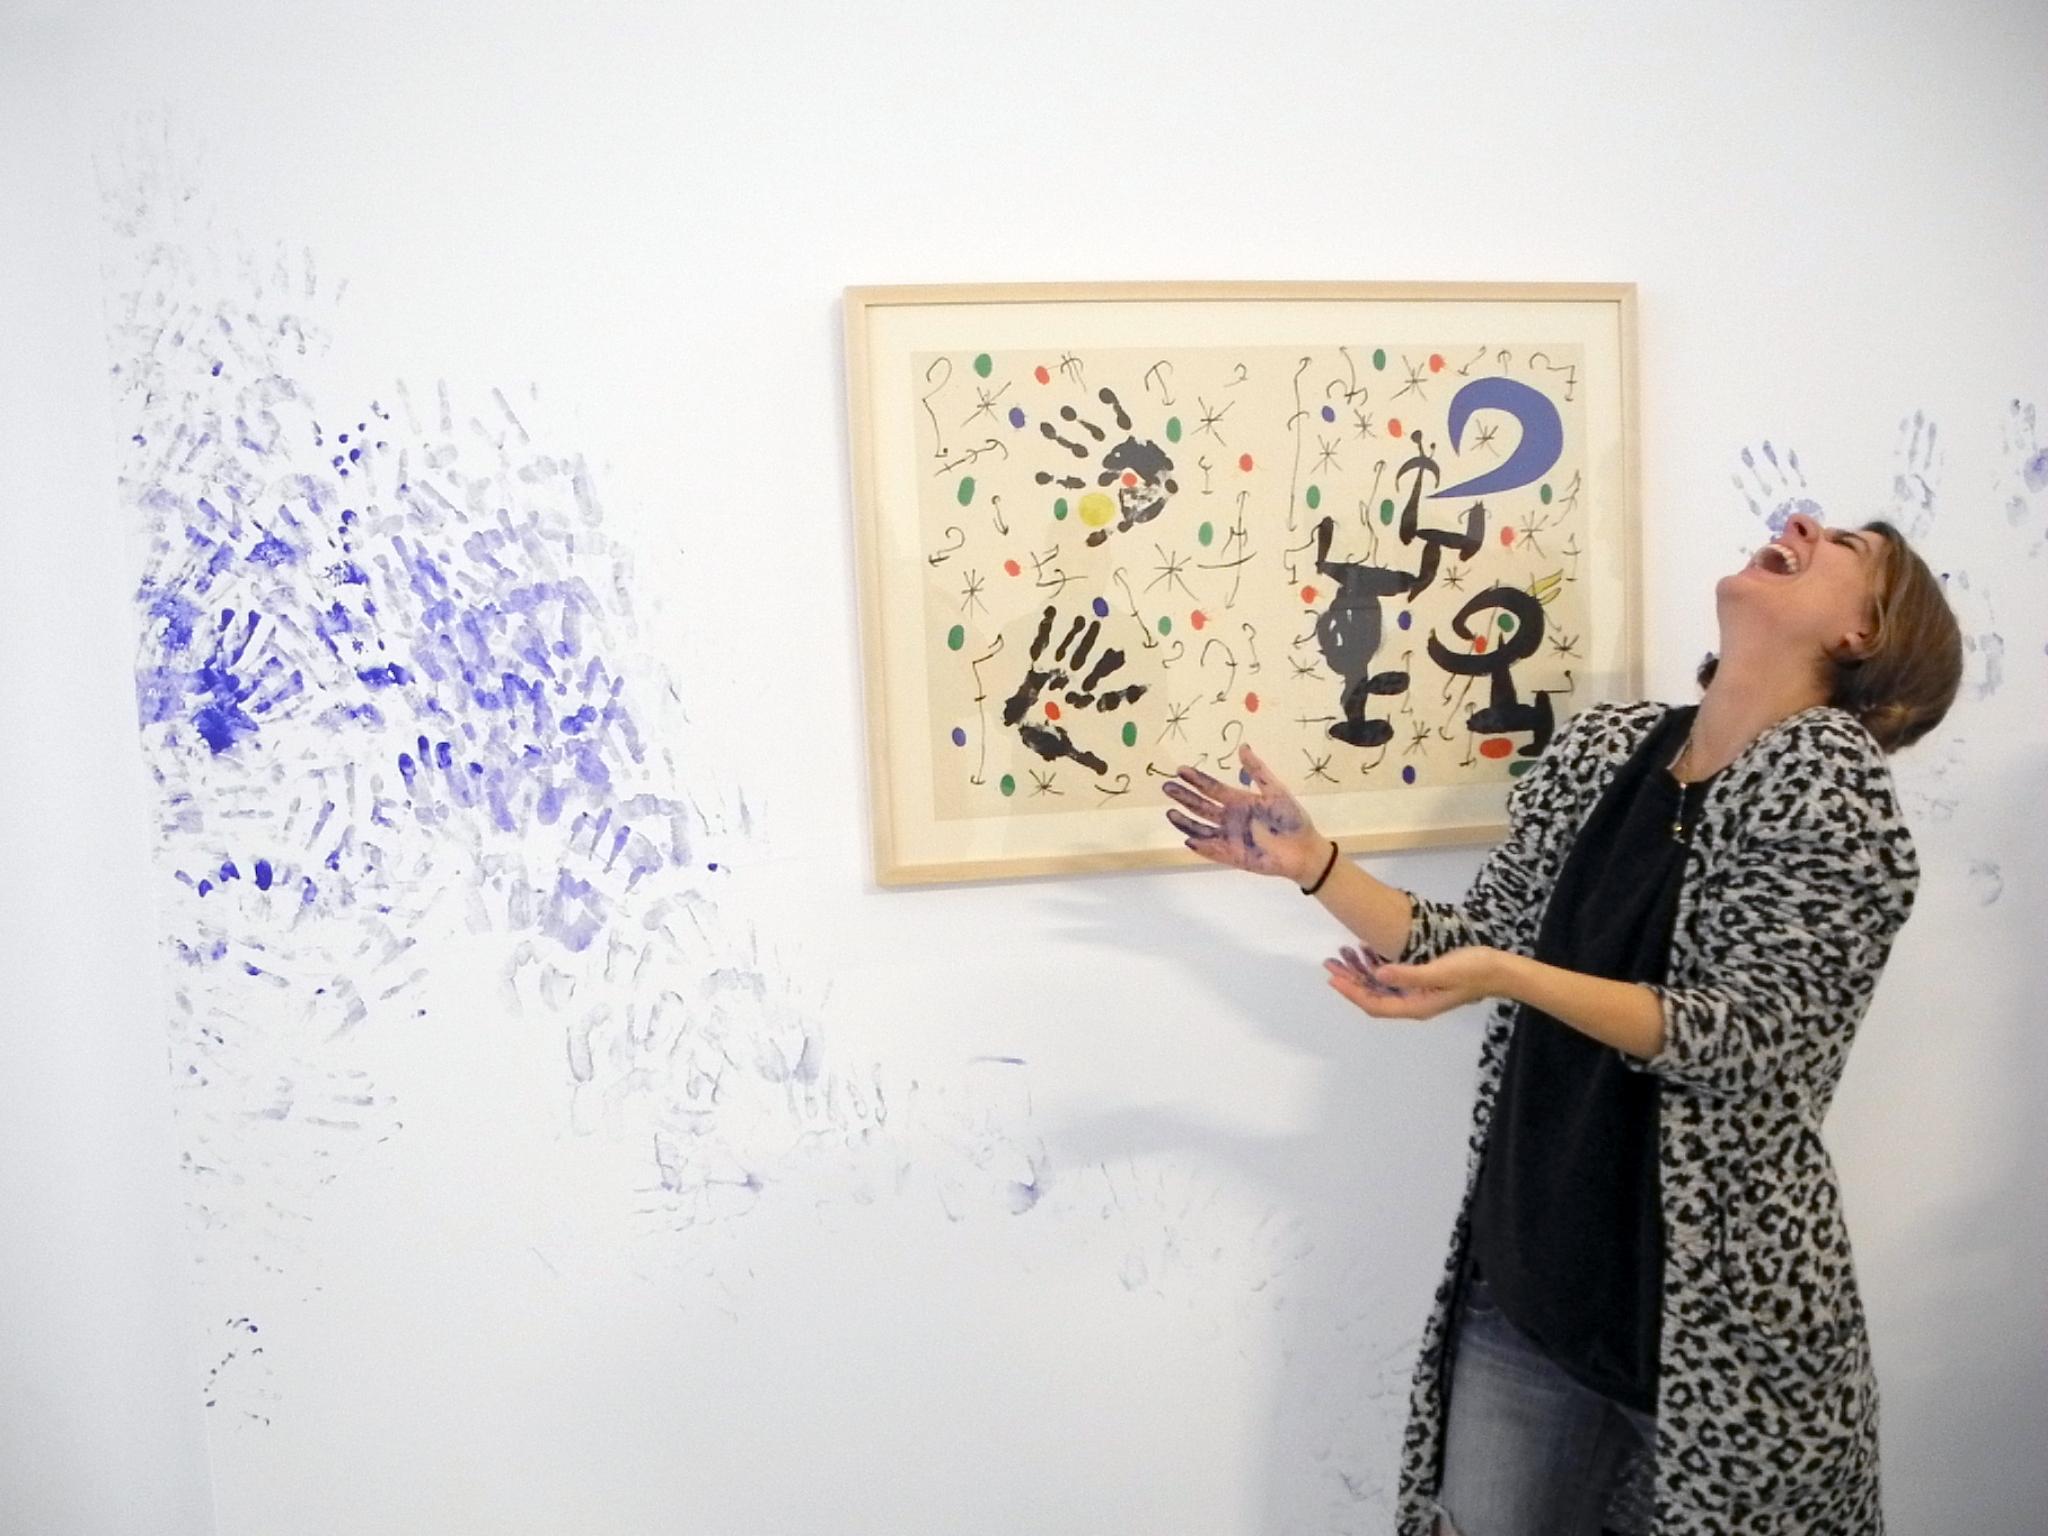 Pérez, Fernando. 2015. Miró 2.